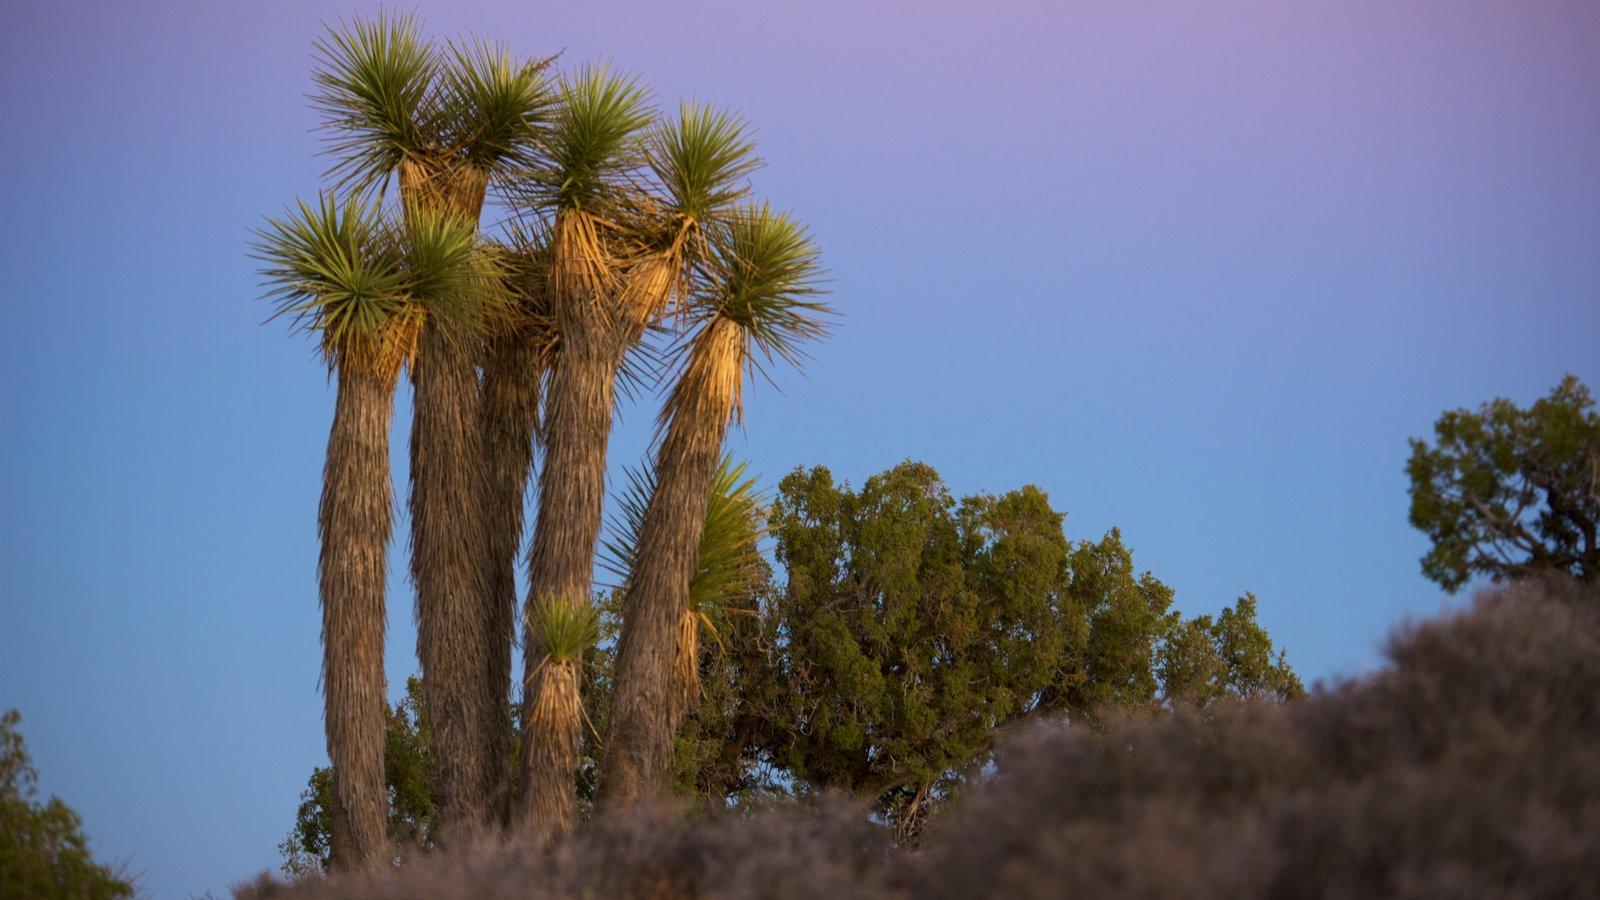 Parque Nacional de Joshua Tree que inclui um pôr do sol e cenas tranquilas